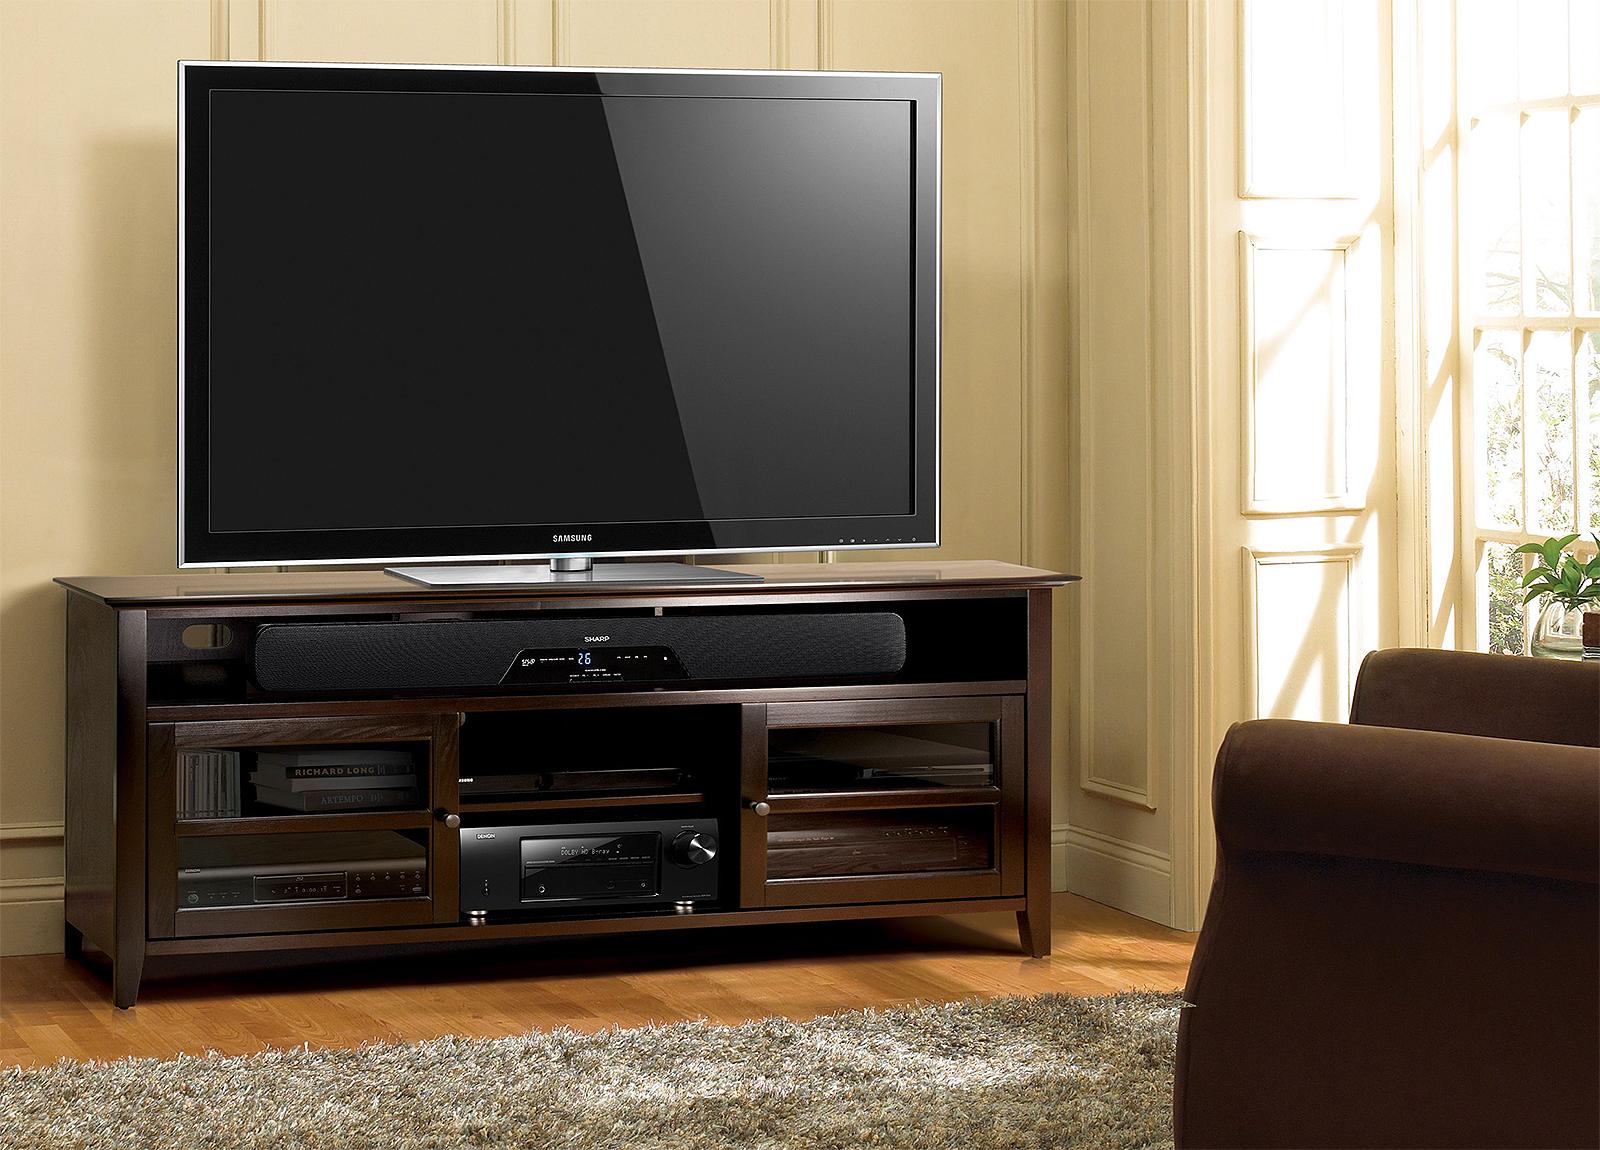 Тумба под телевизор с аппаратурой своими руками